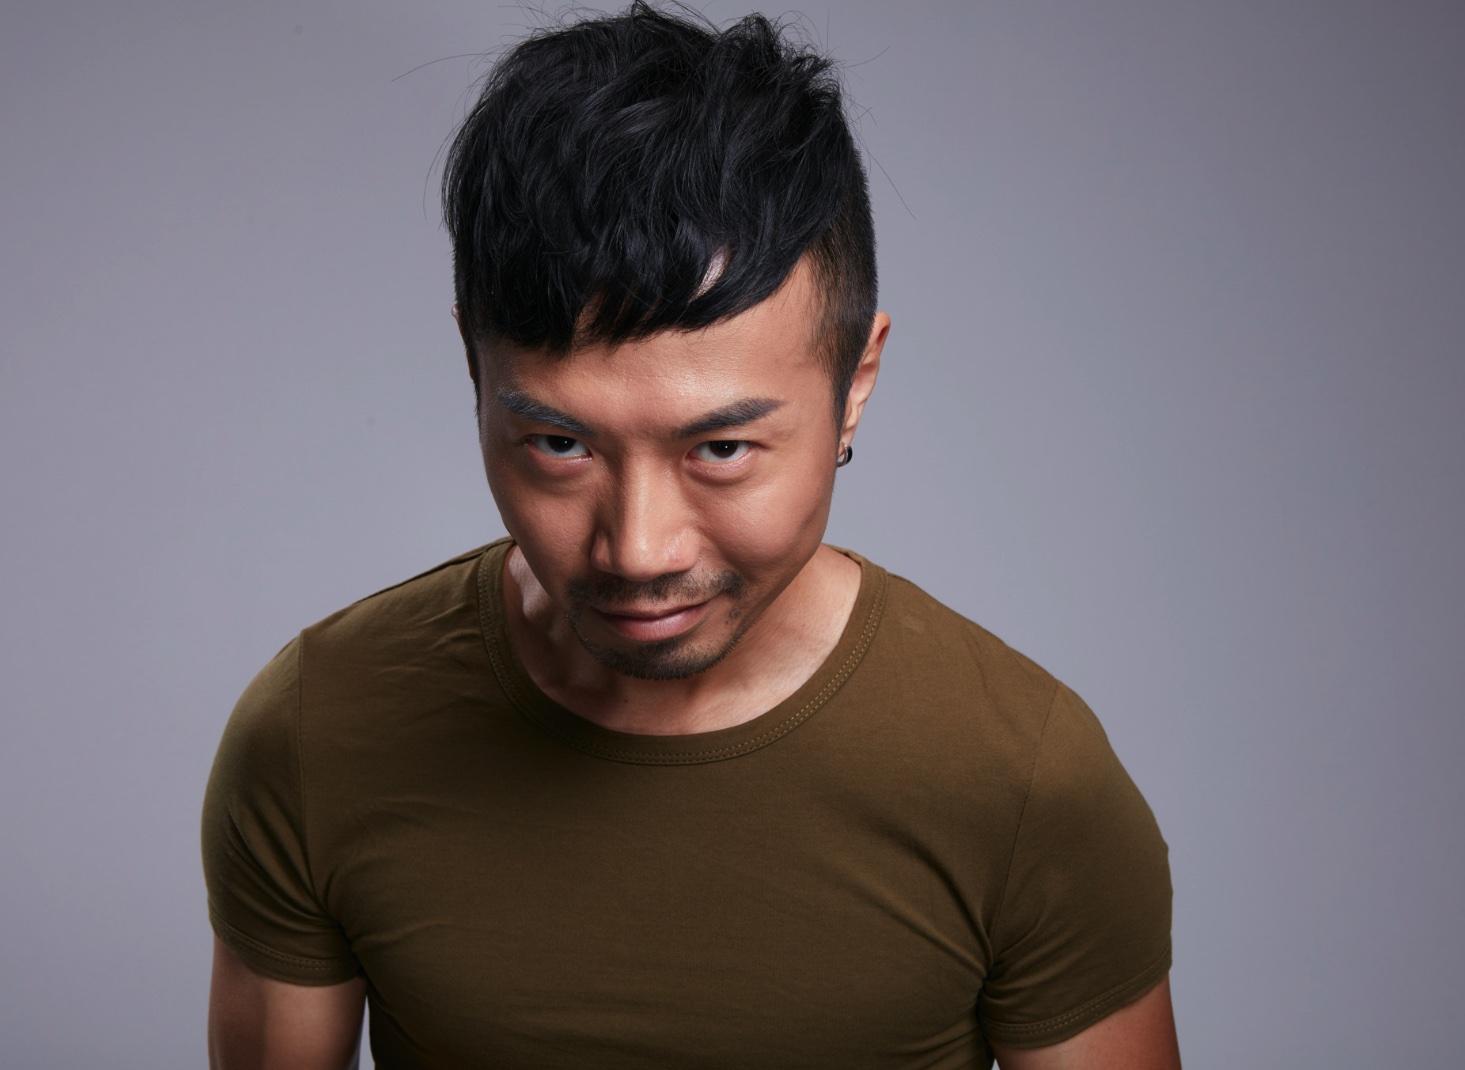 人像修图JPG素材 演员薛文彬某电影定妆照生图第1组 收集整理 第1张